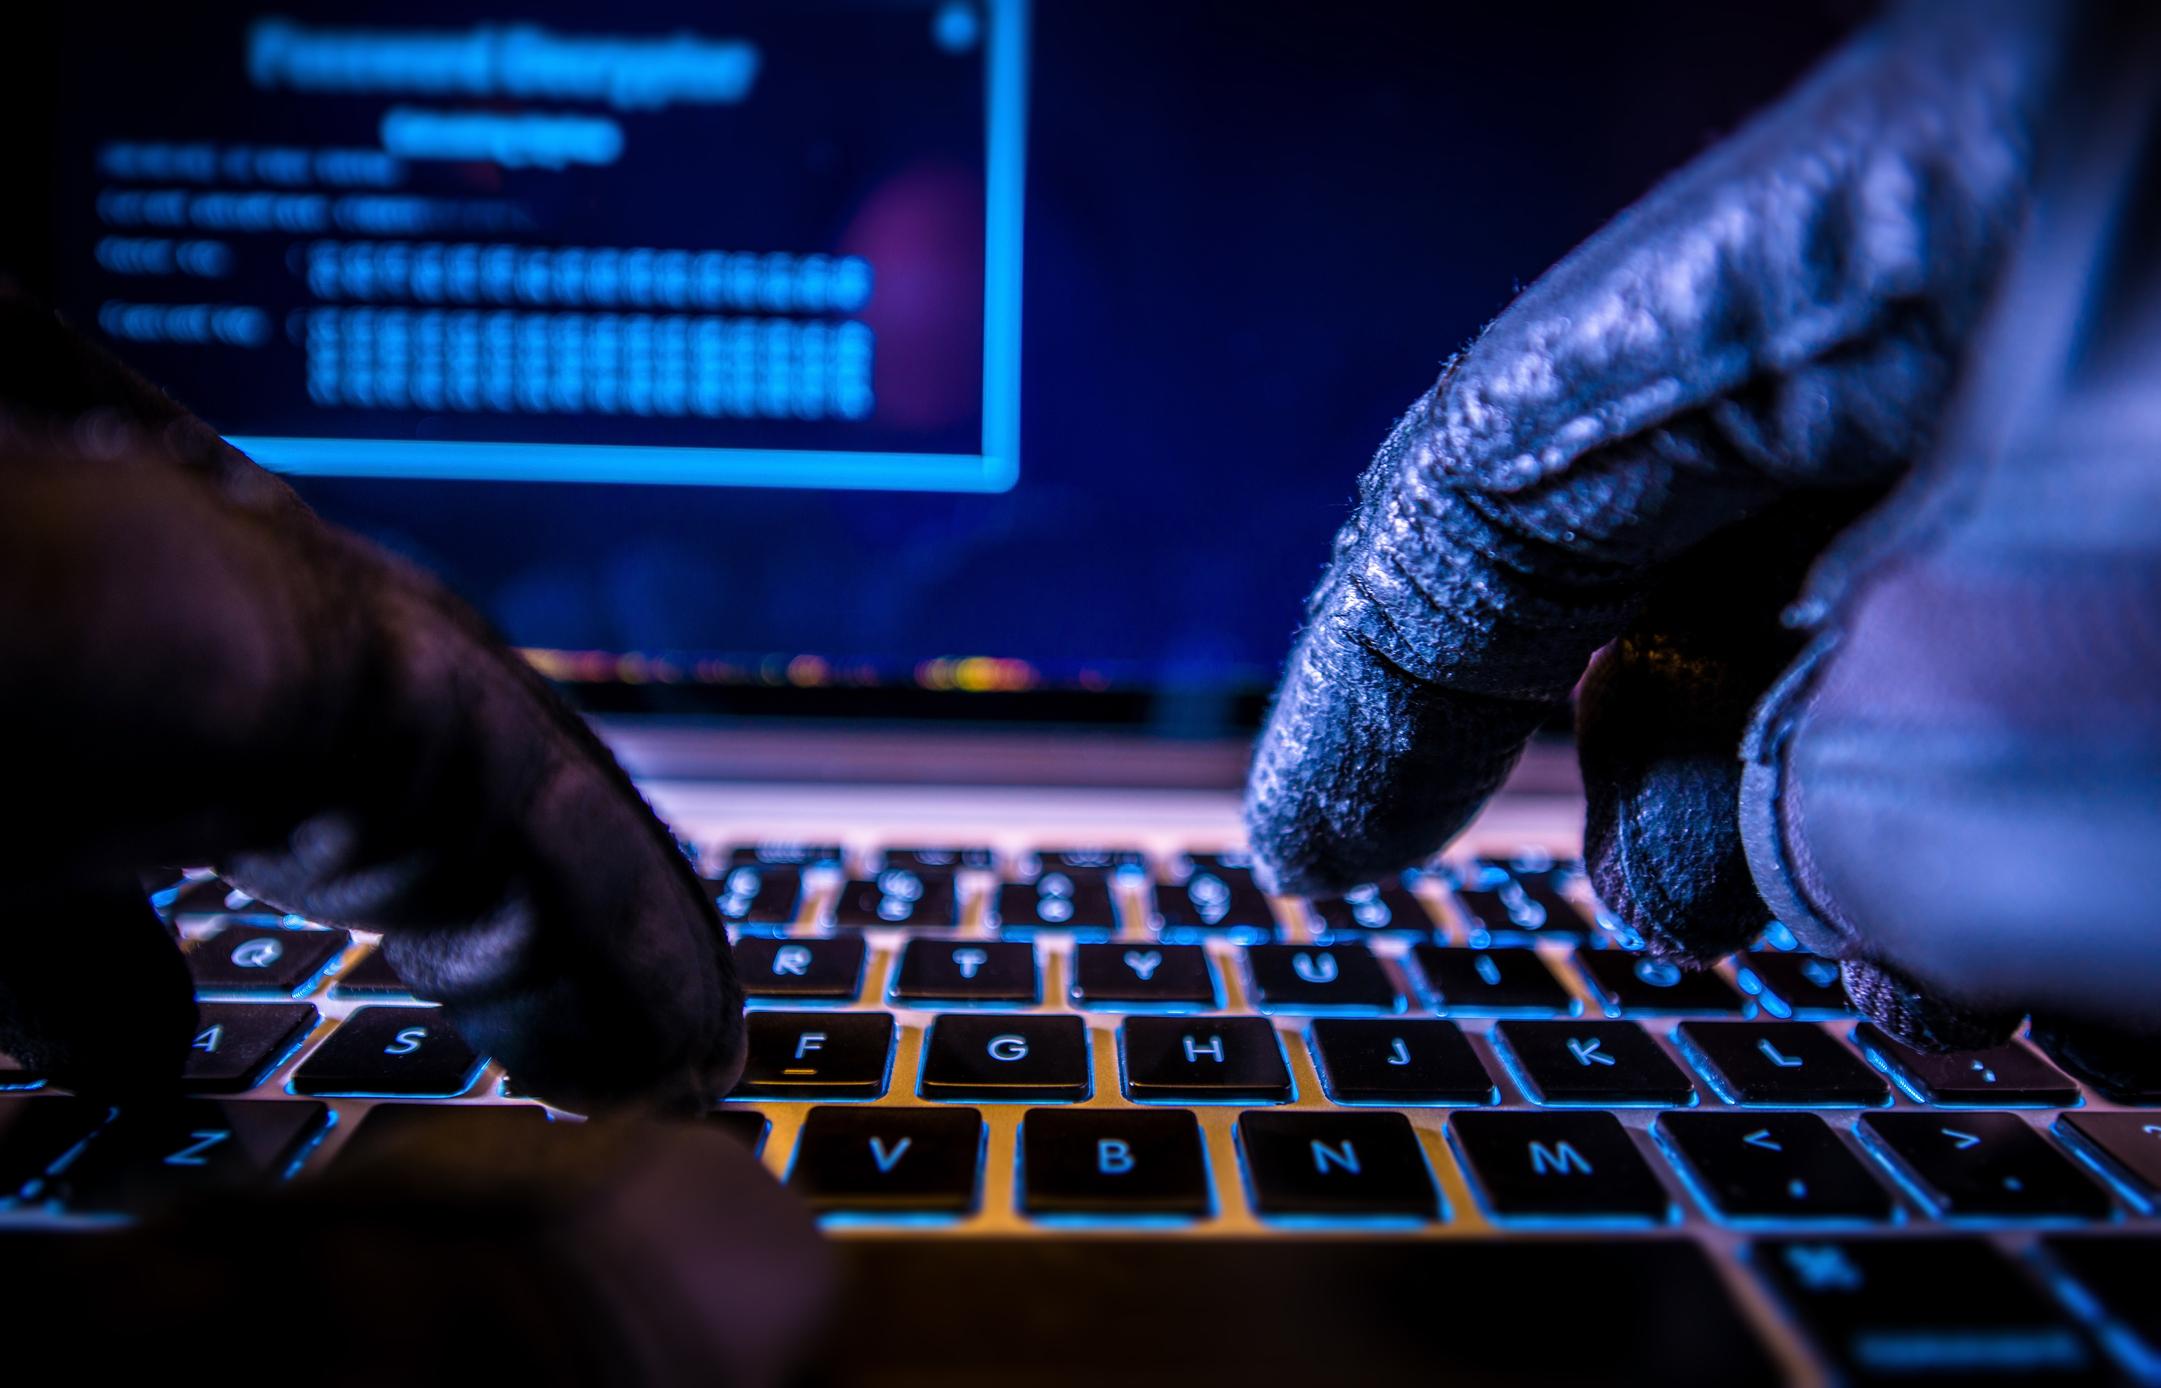 A hacker types on a keyboard.